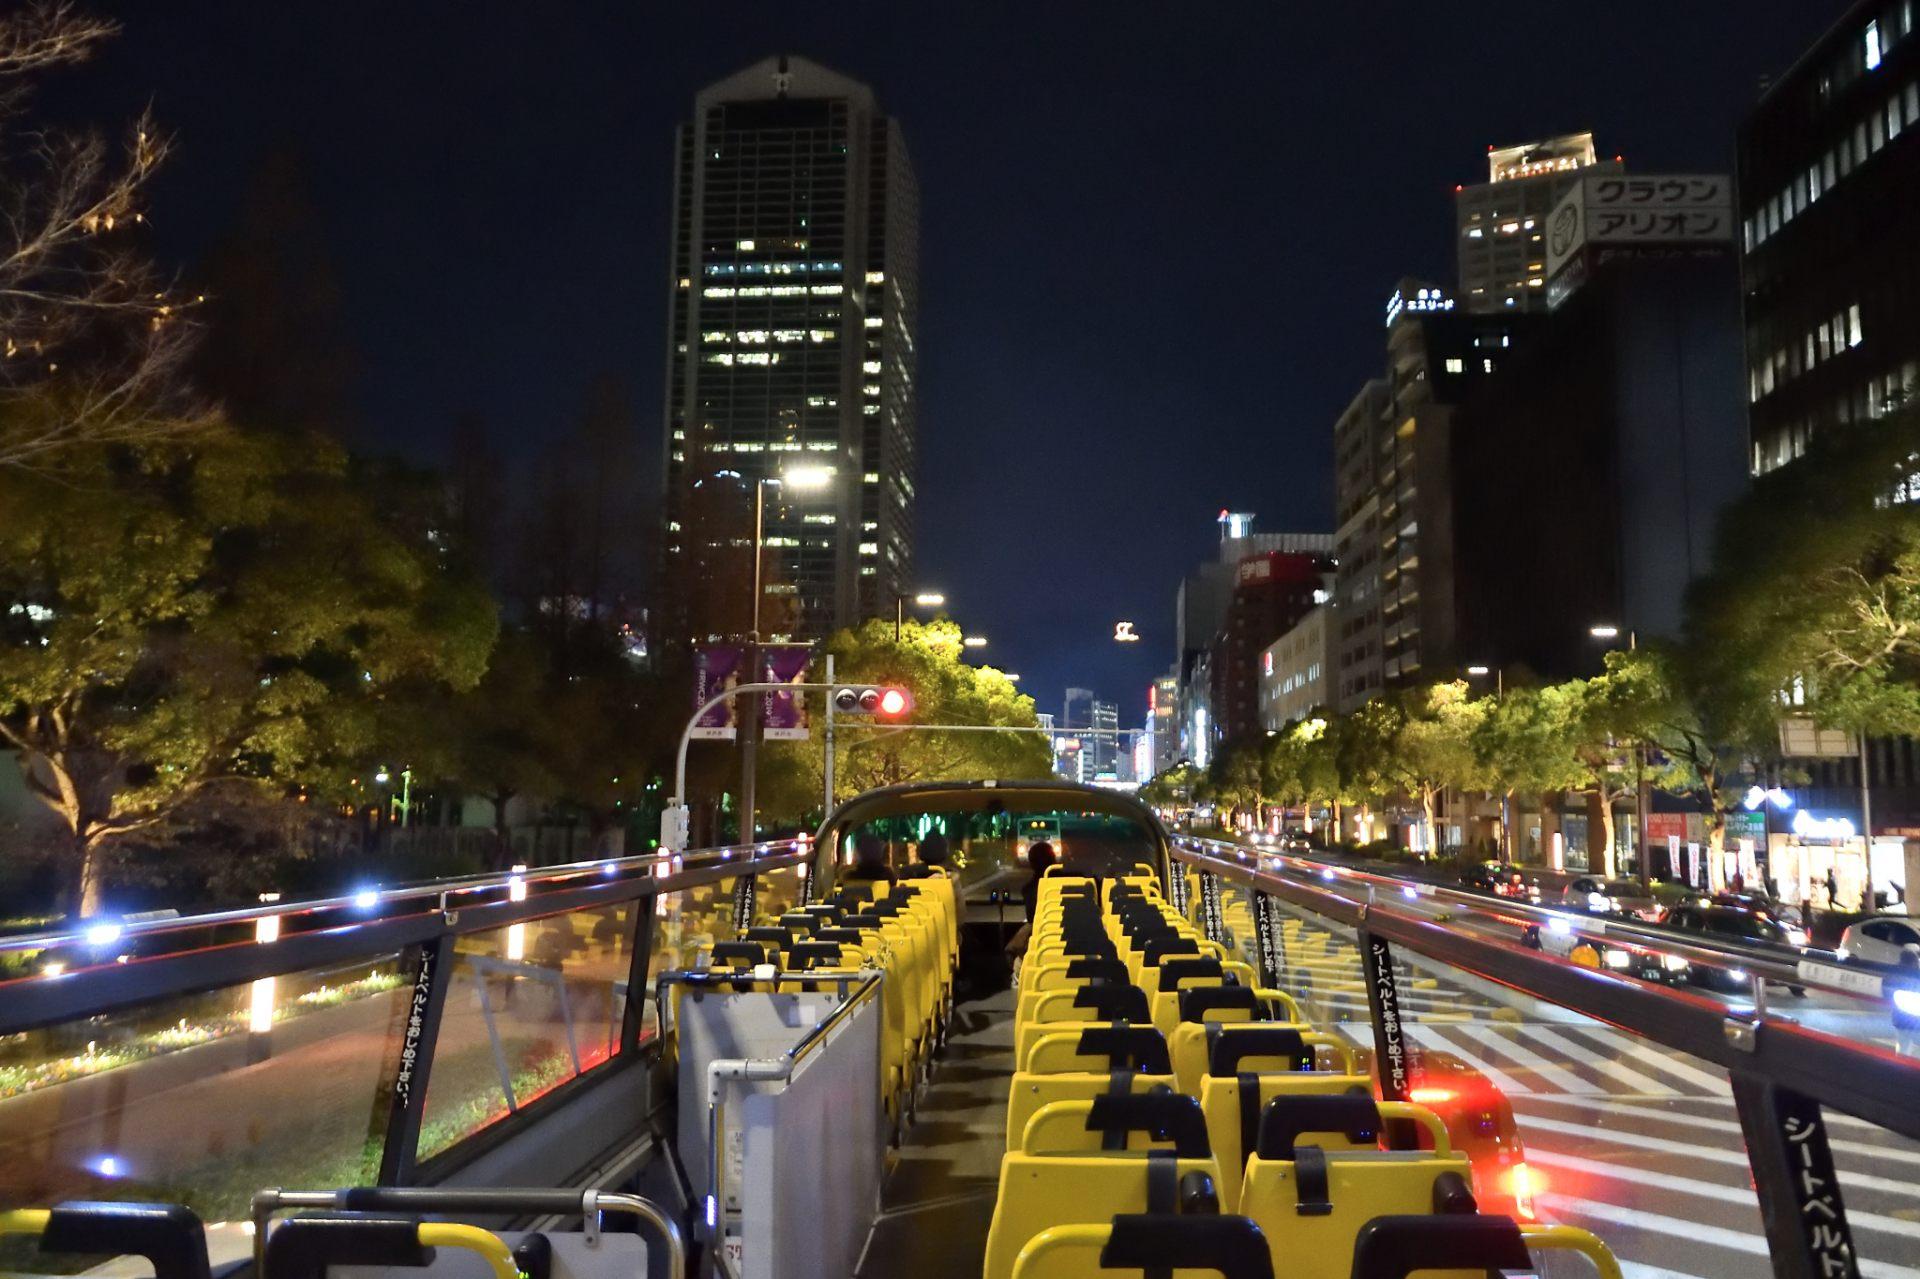 夜晚的神户市政大楼